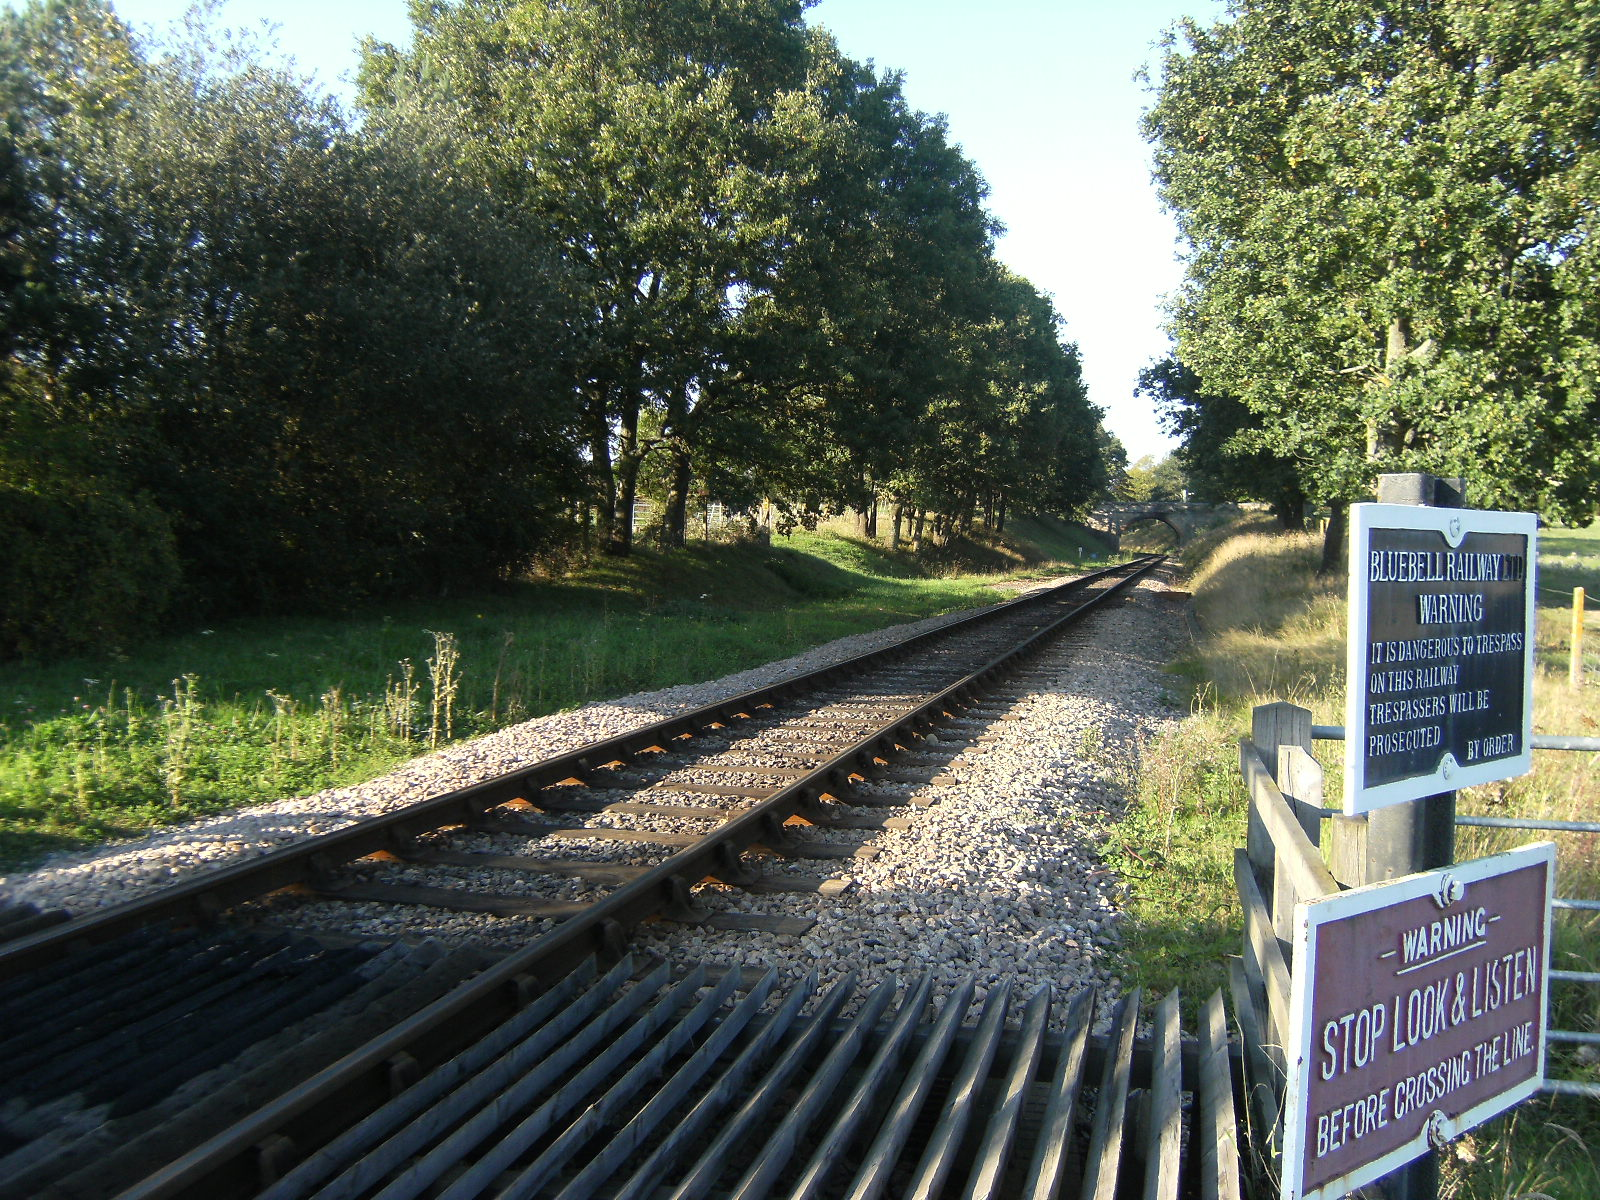 DSCF9884 Across the railway